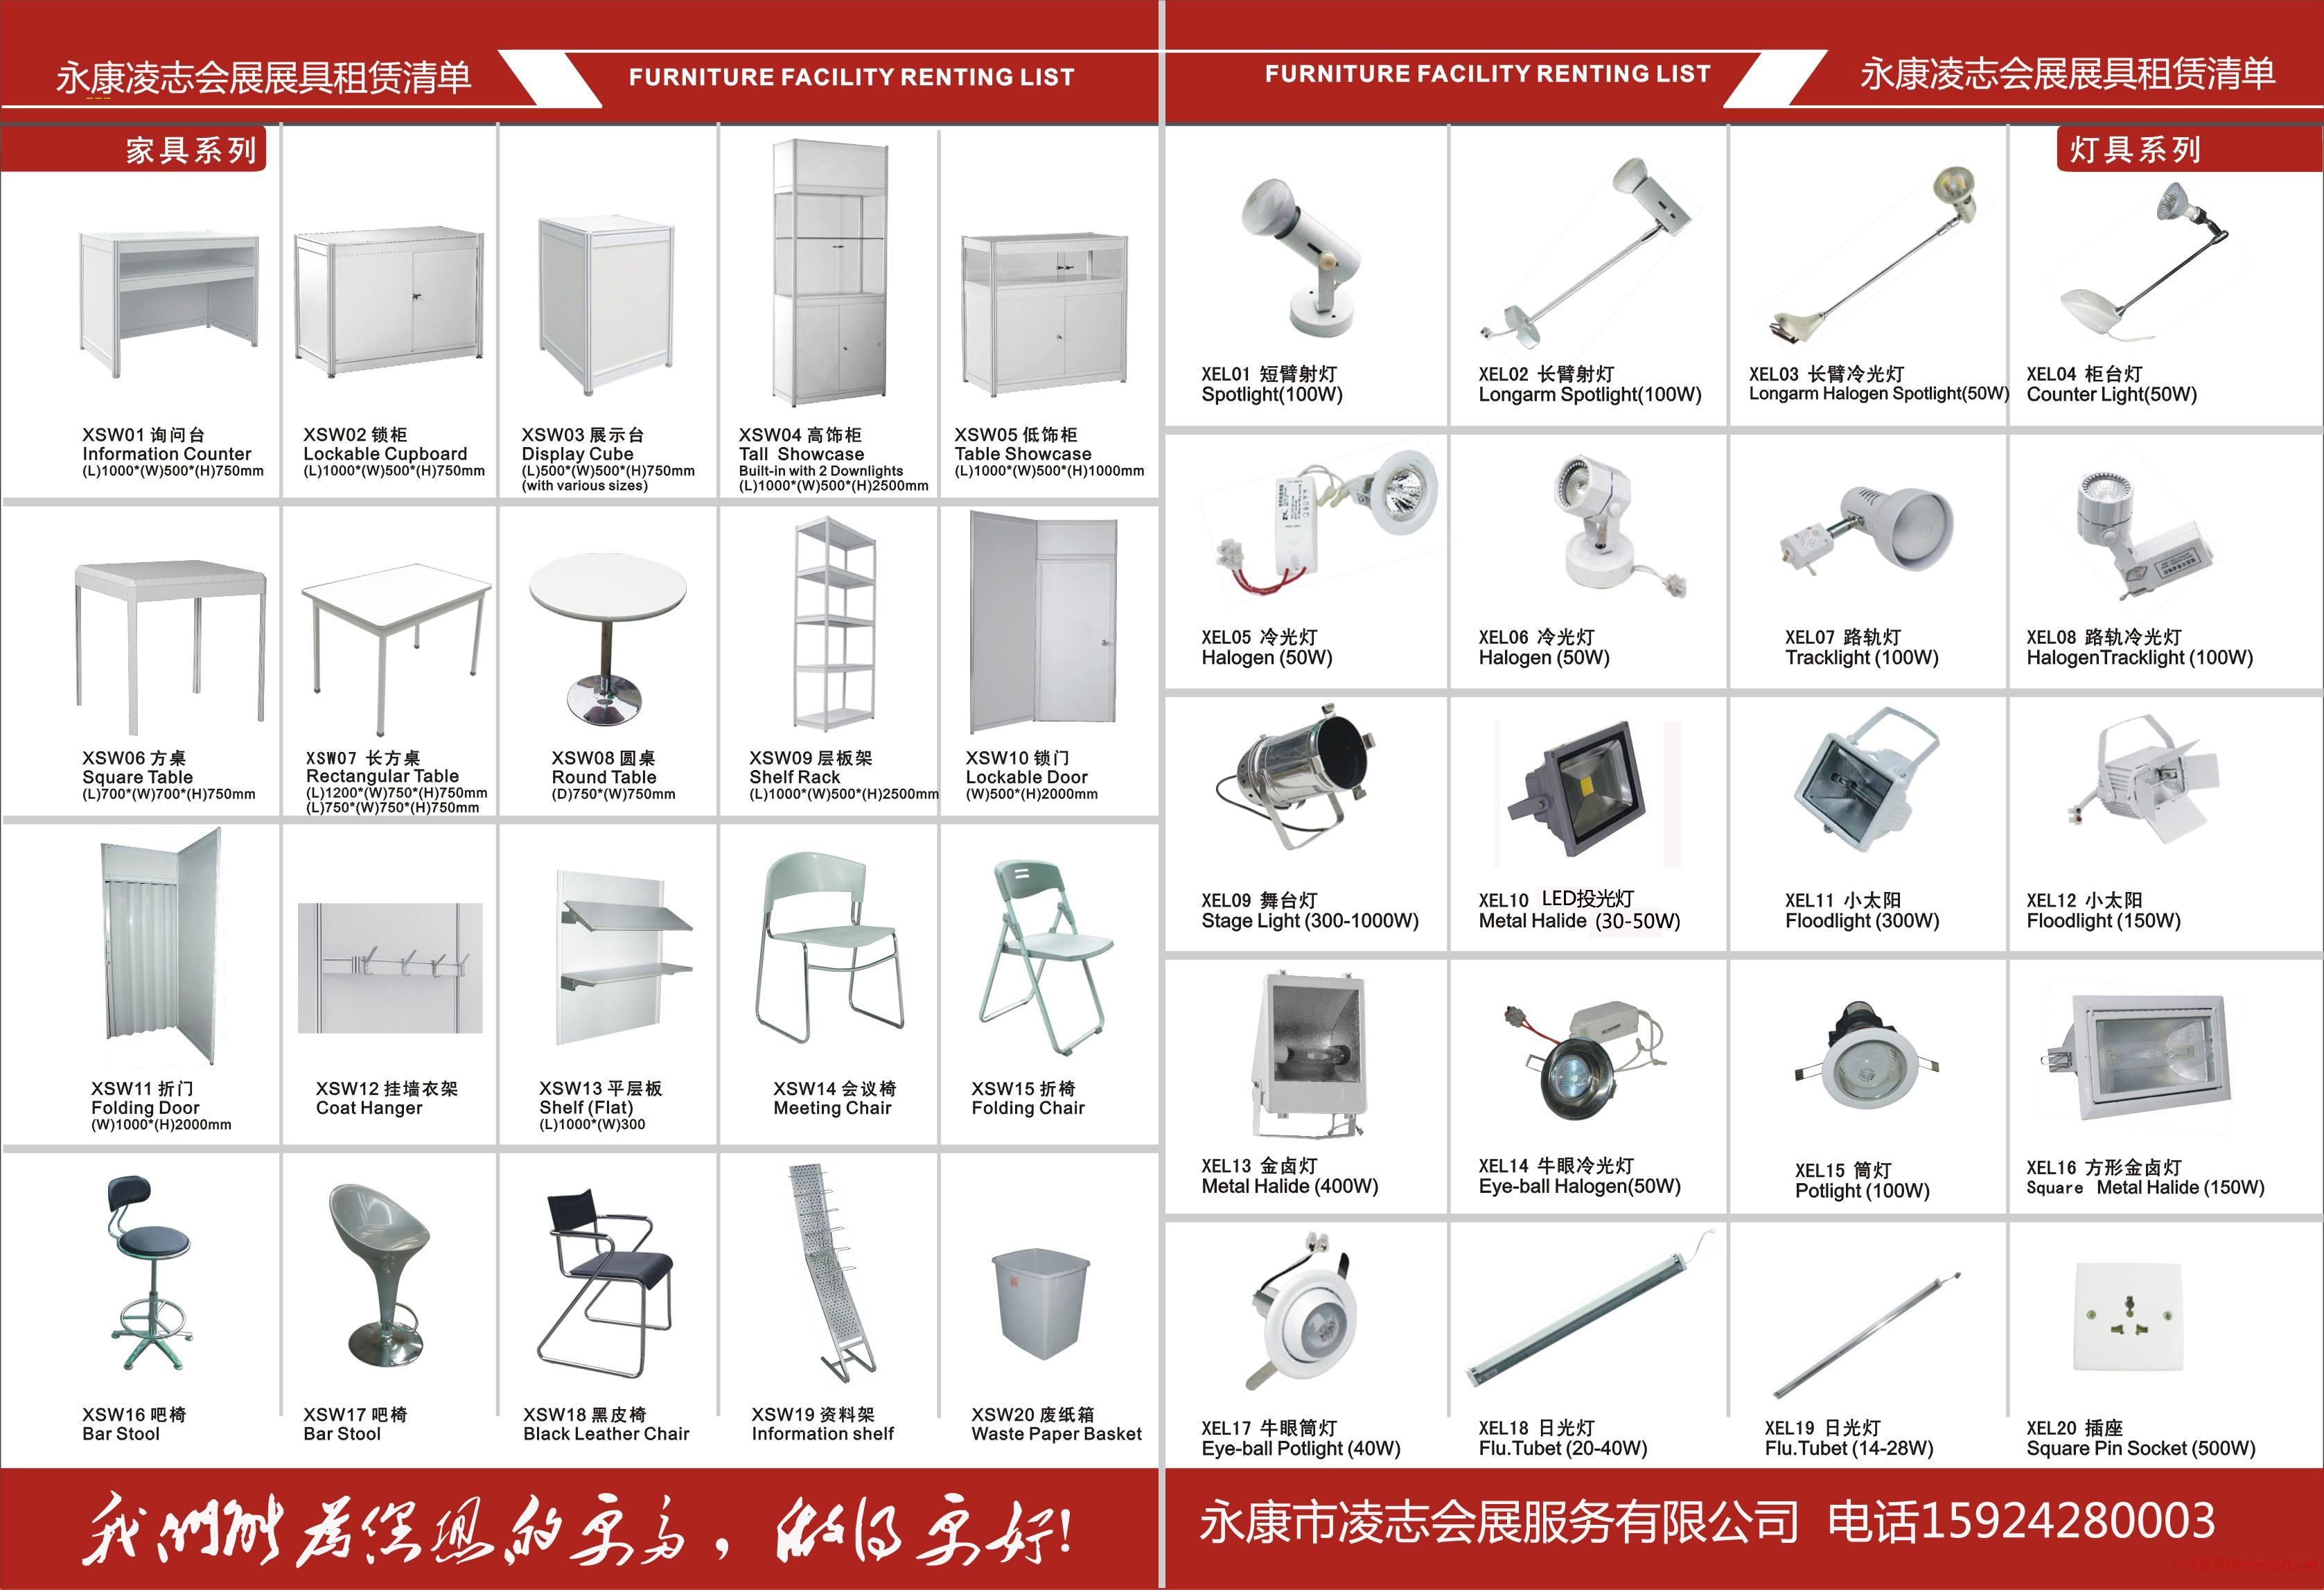 永康博览会LED显示屏出租桁架出租电视机桌椅出租